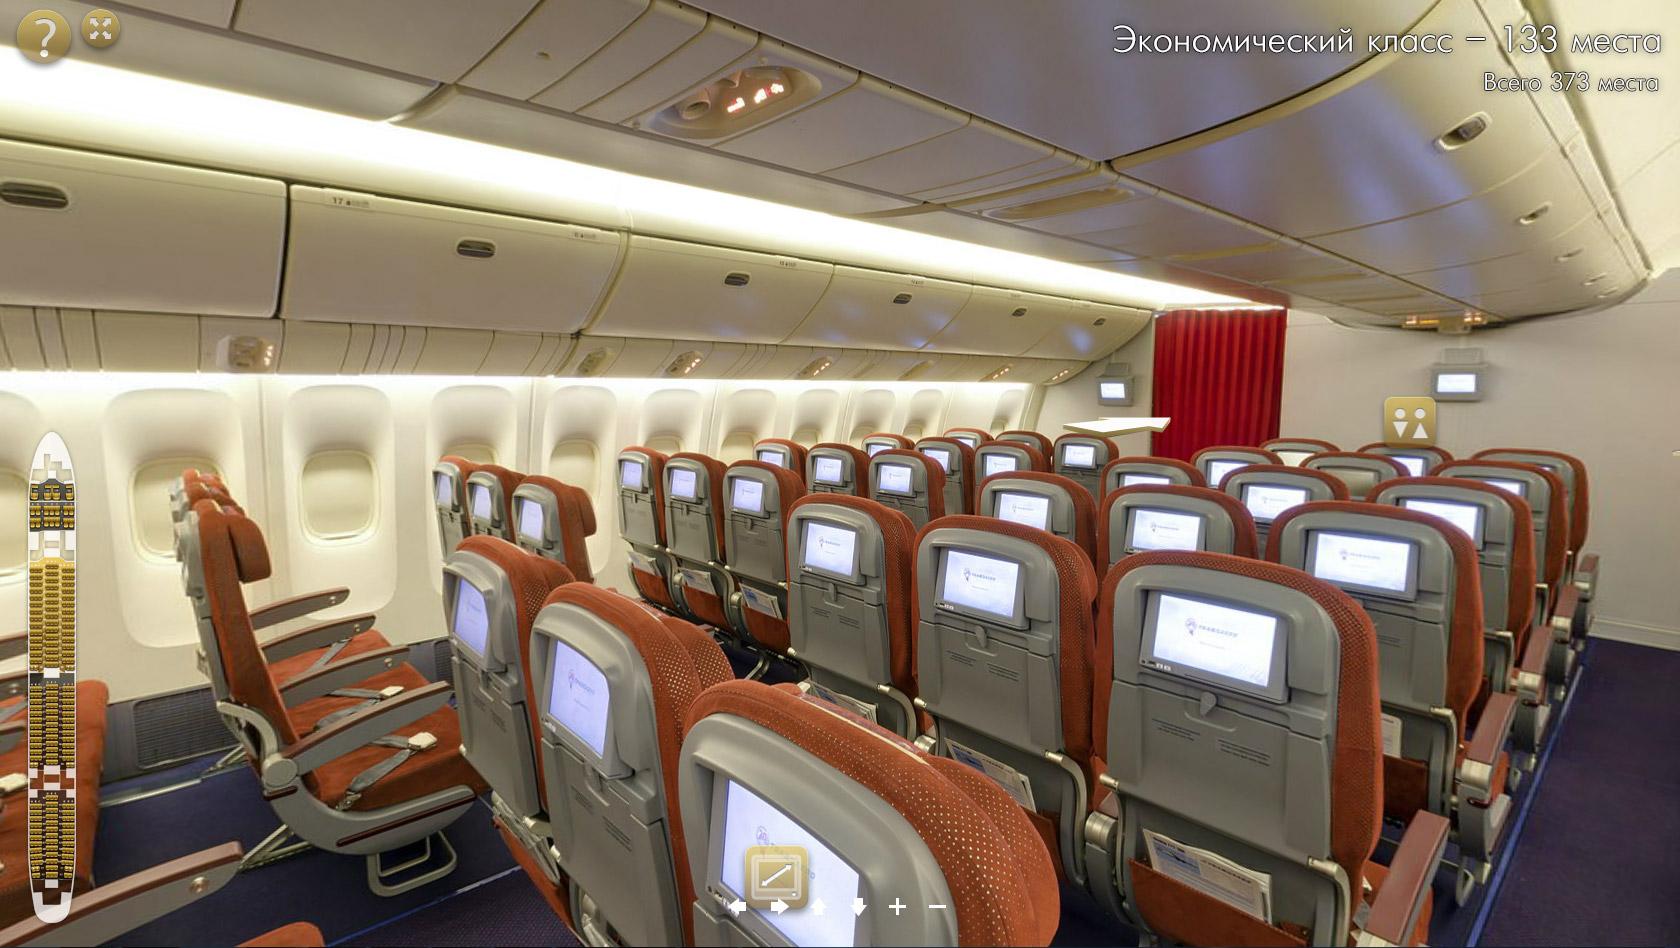 Как выбрать место в экономическом классе самолёта Boeing 777-300.  Вопрос, казалось бы, затруднительный, учитывая то...